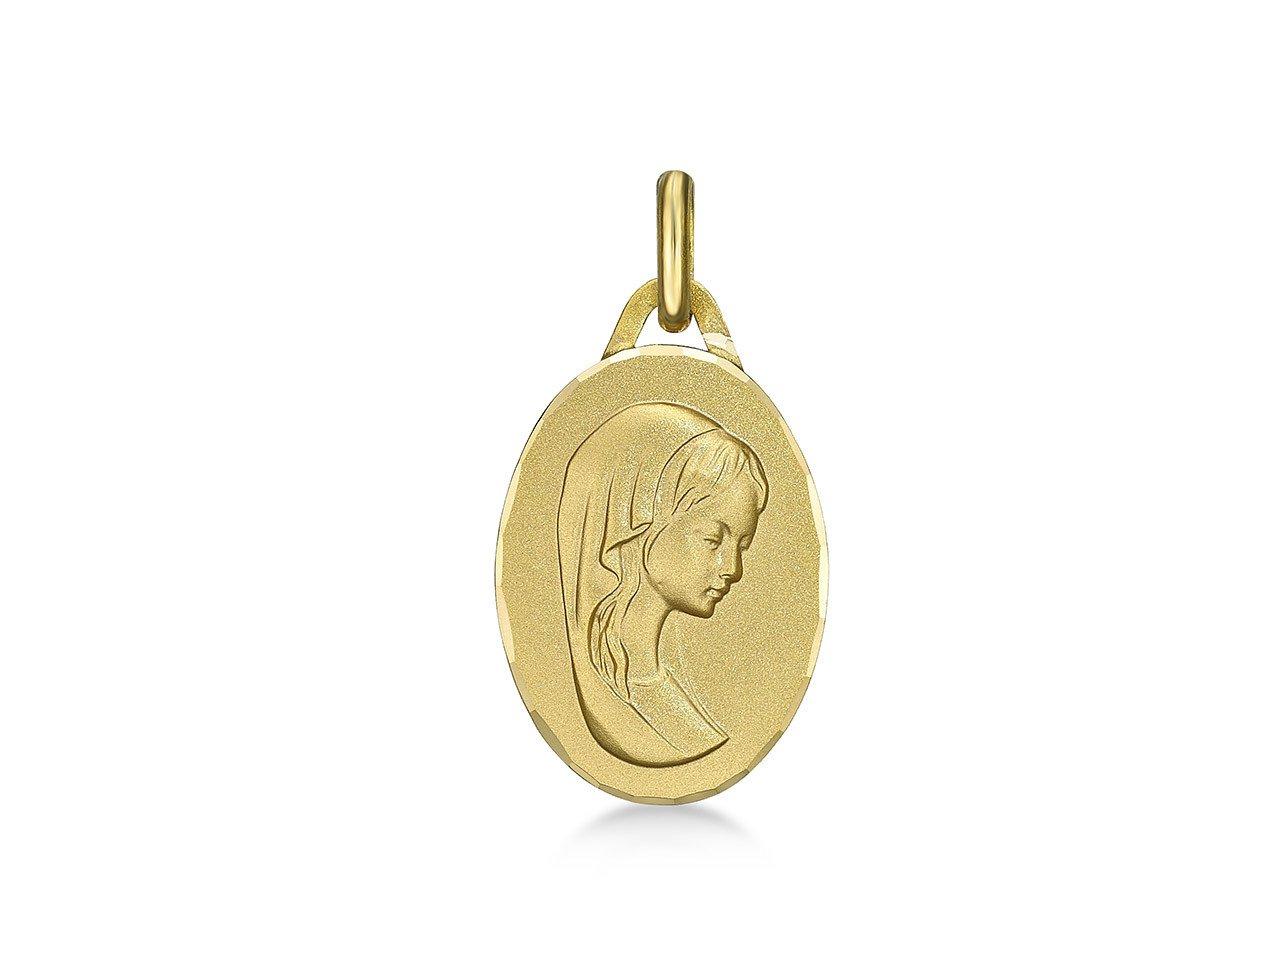 Médaille de la Vierge ovale 16mm bord ciselé - or 18 carats